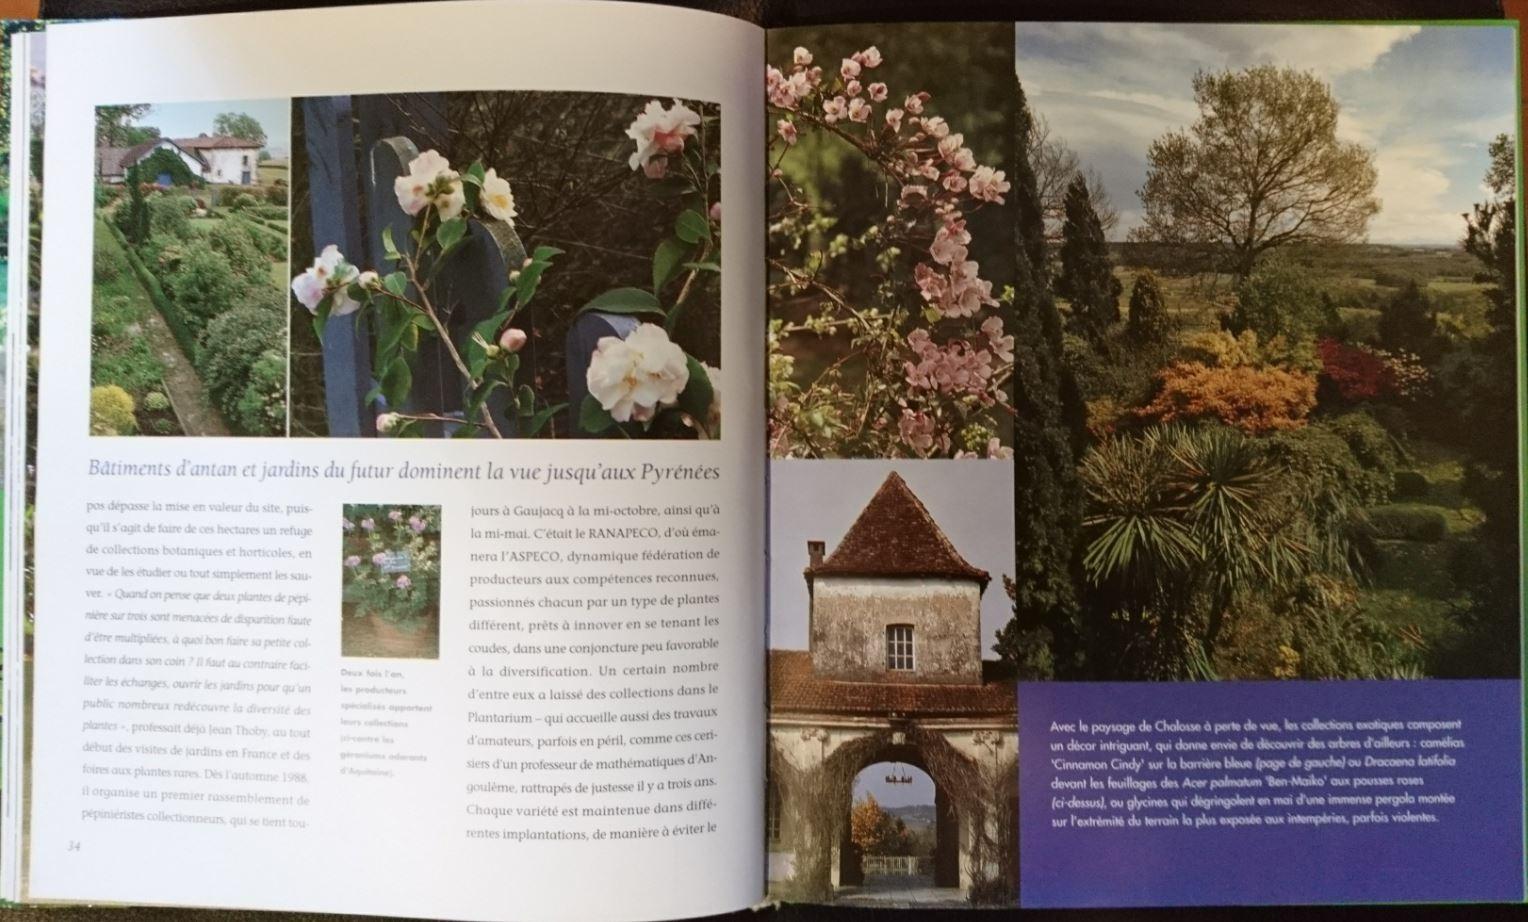 Livres sur le jardin jardin de luchane - Petit jardin livre asnieres sur seine ...